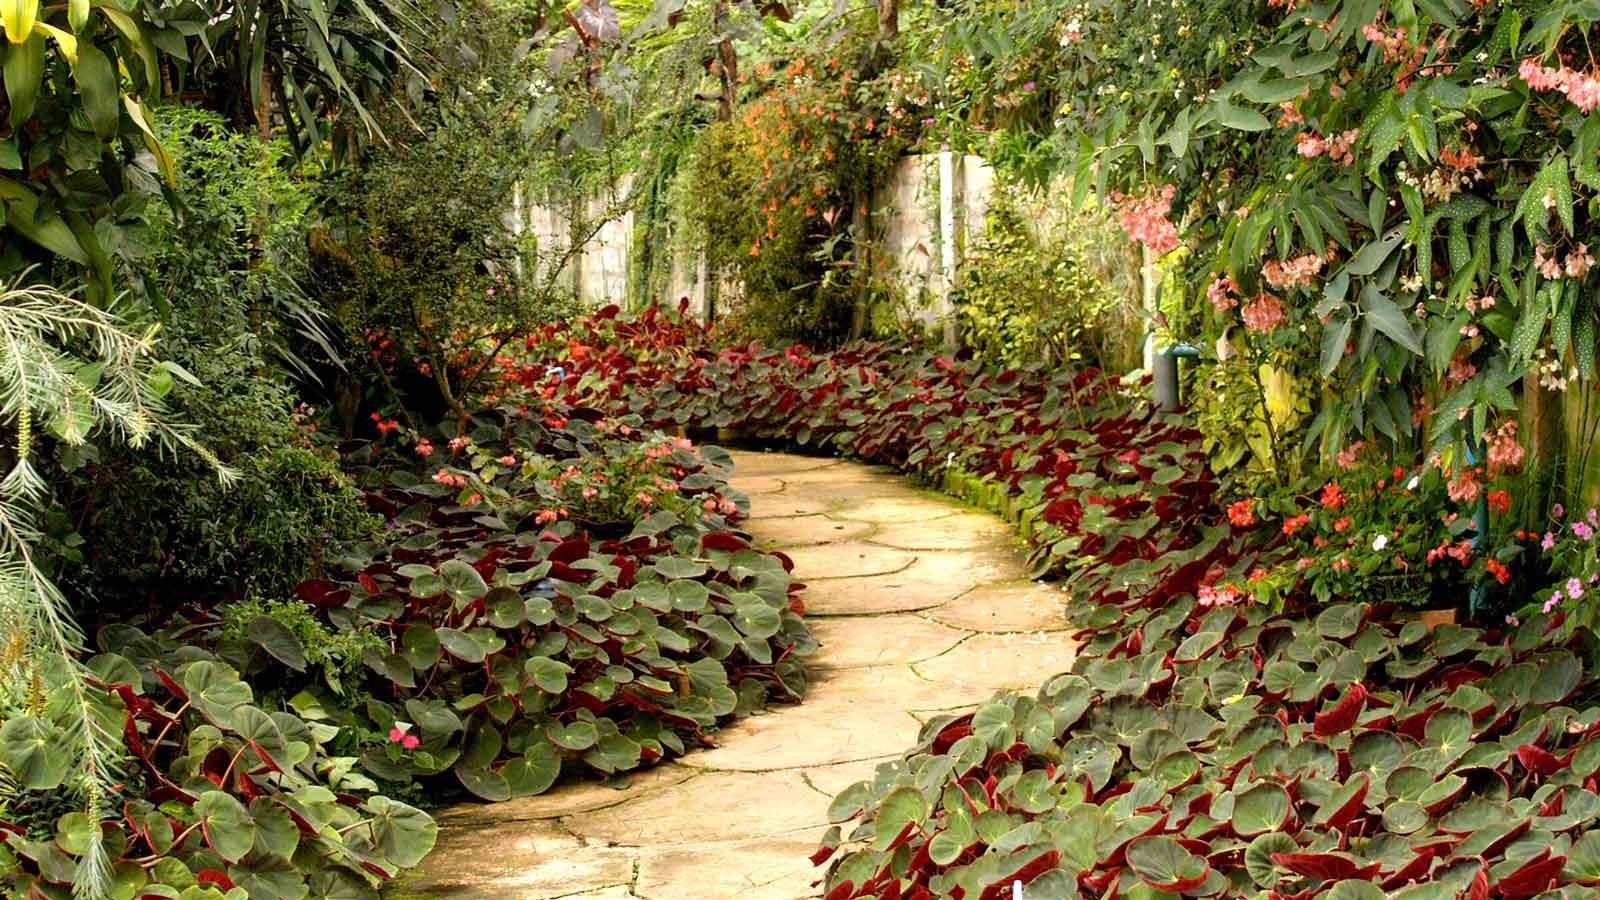 Smoky Mountain gardens